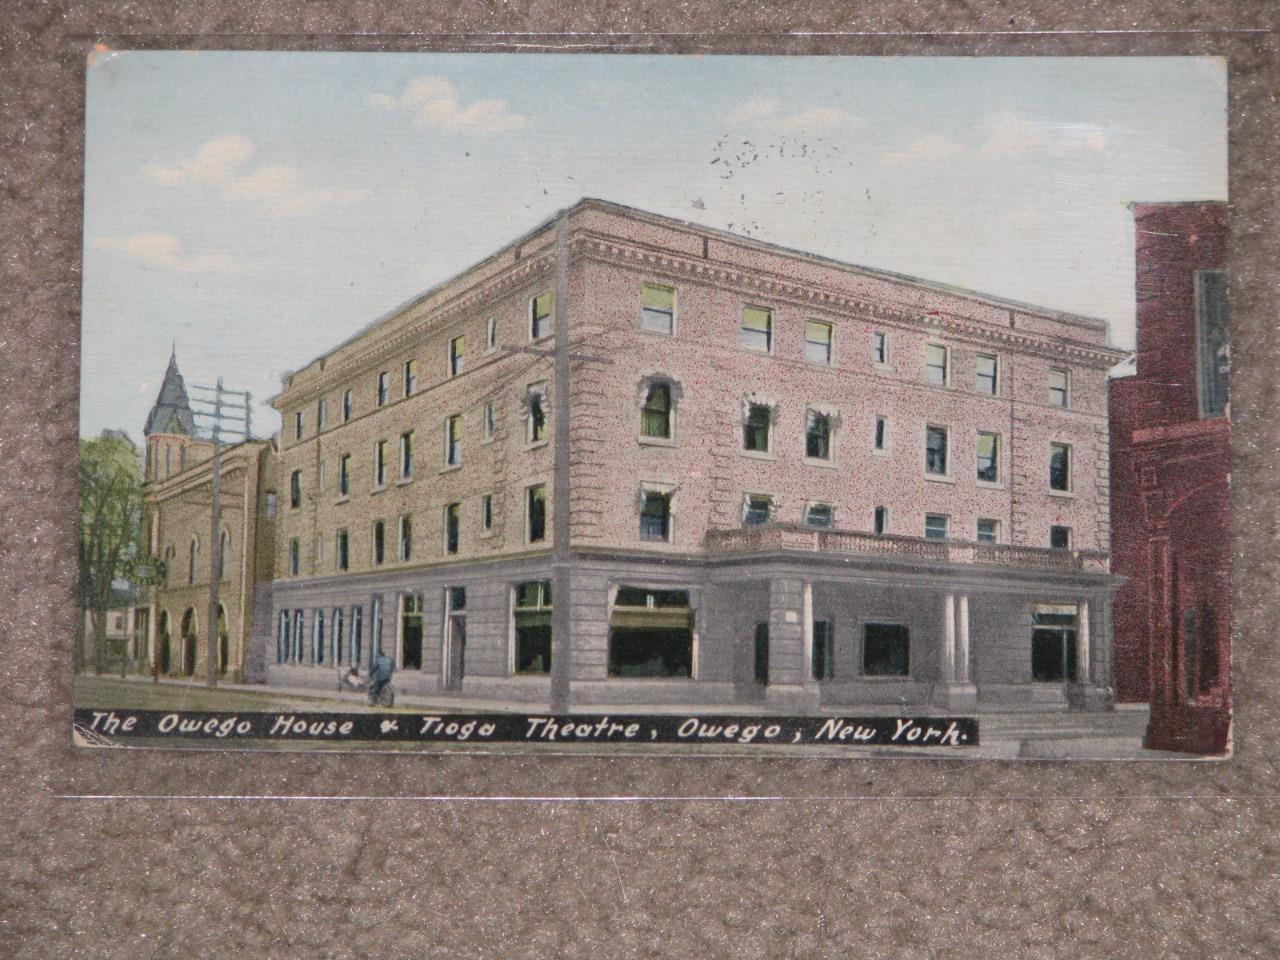 The Owego House & Tioga Theatre, Owego, N.Y. 1914, used vintage card